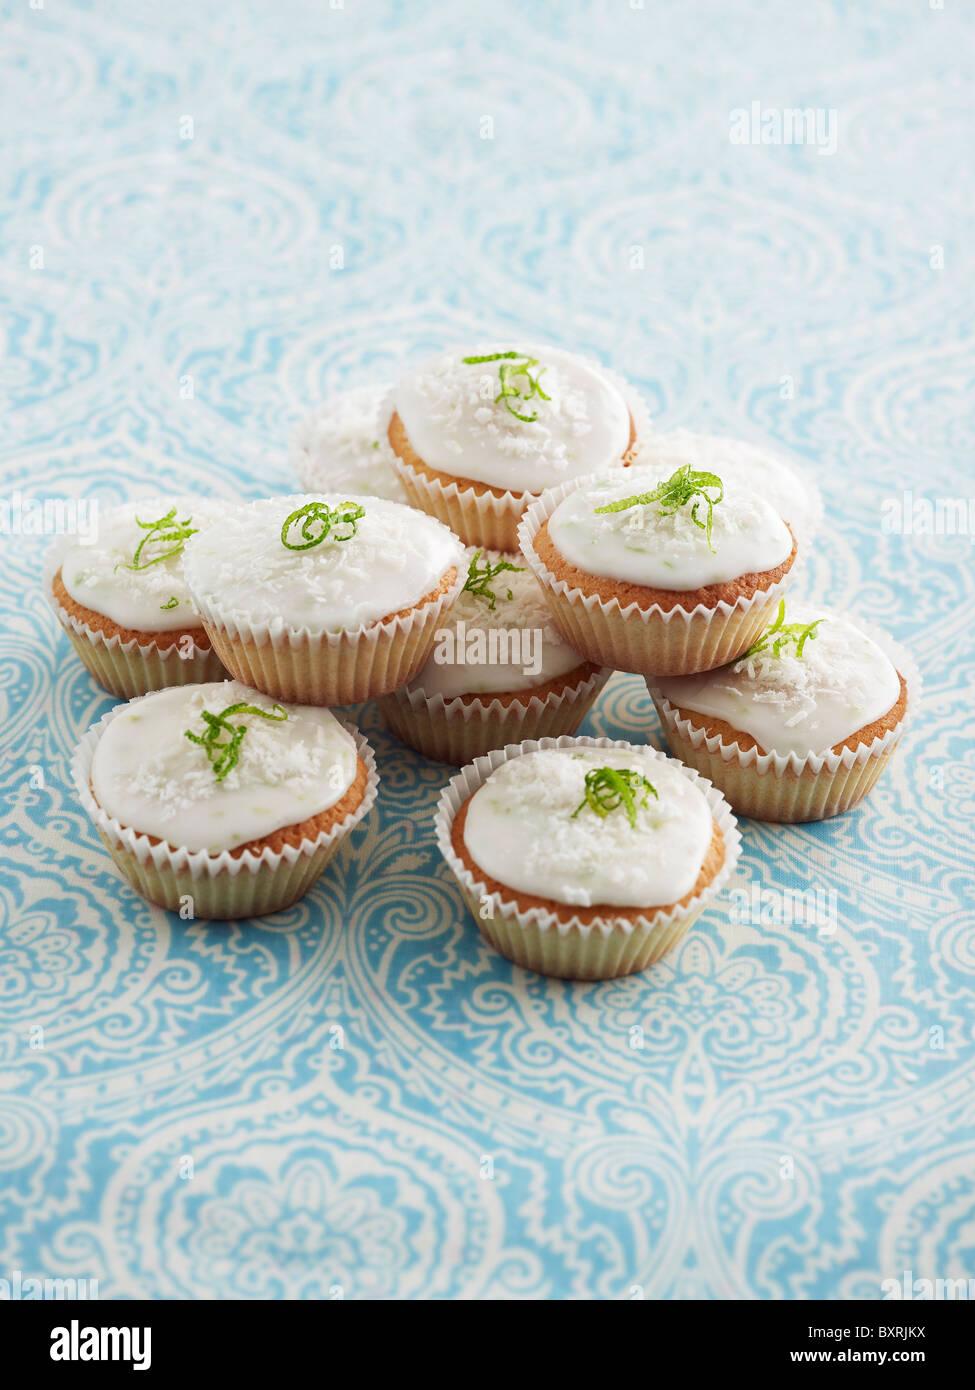 Cupcakes mit weißer Glasur und Kalk, close-up Stockbild